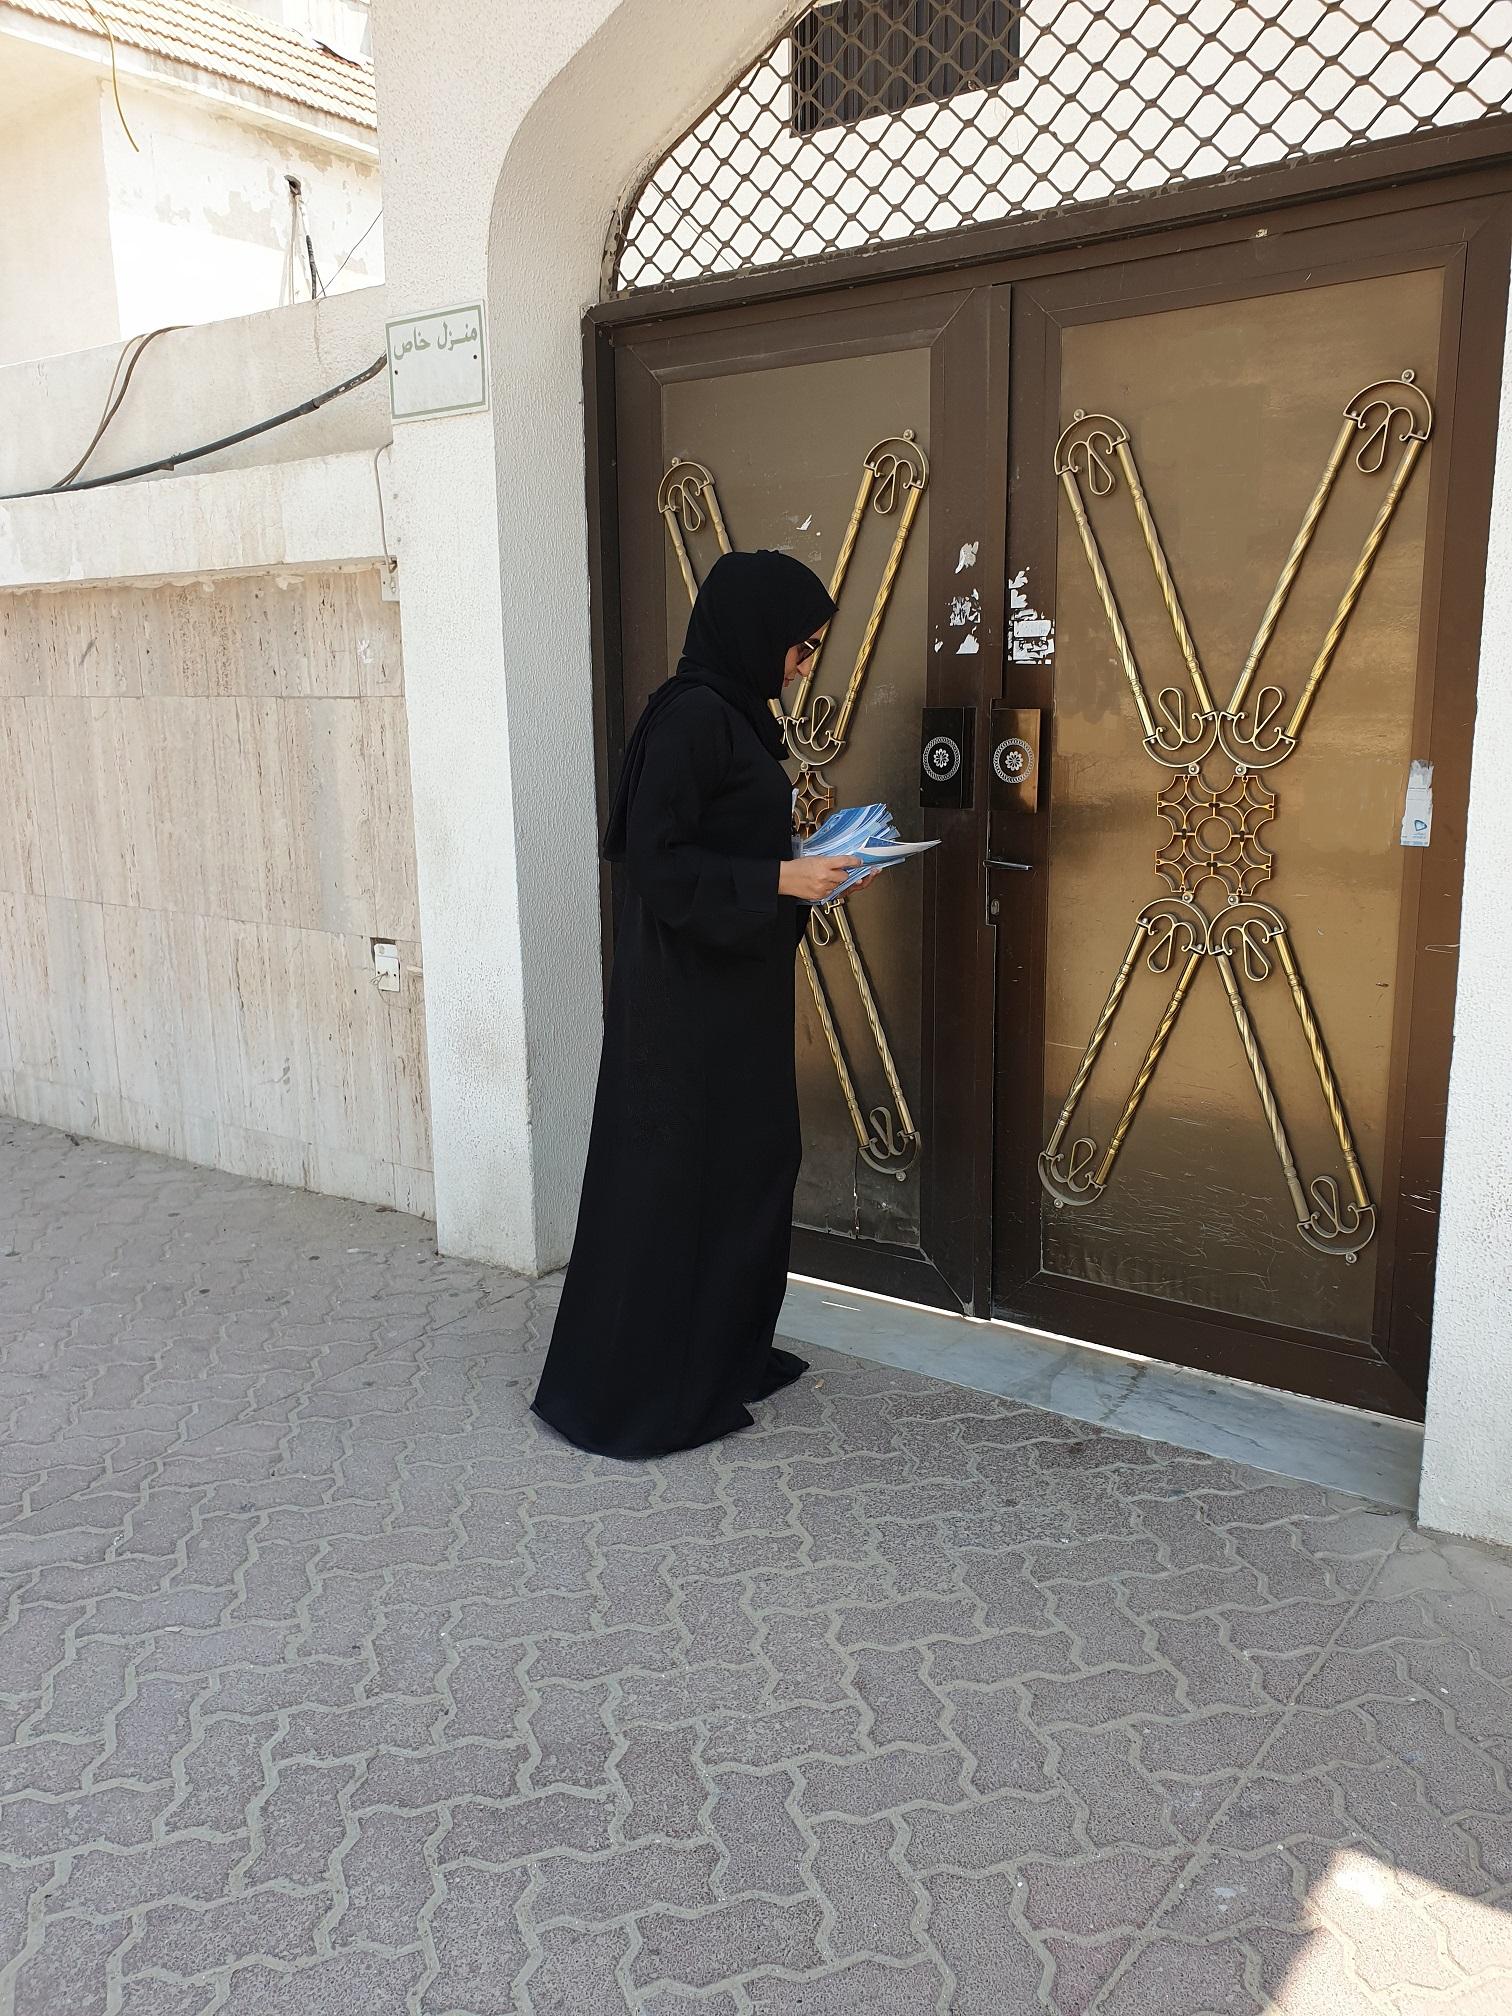 بلدية مدينة أبوظبي تنظم حملة توعوية بشأن أخطار المسابح